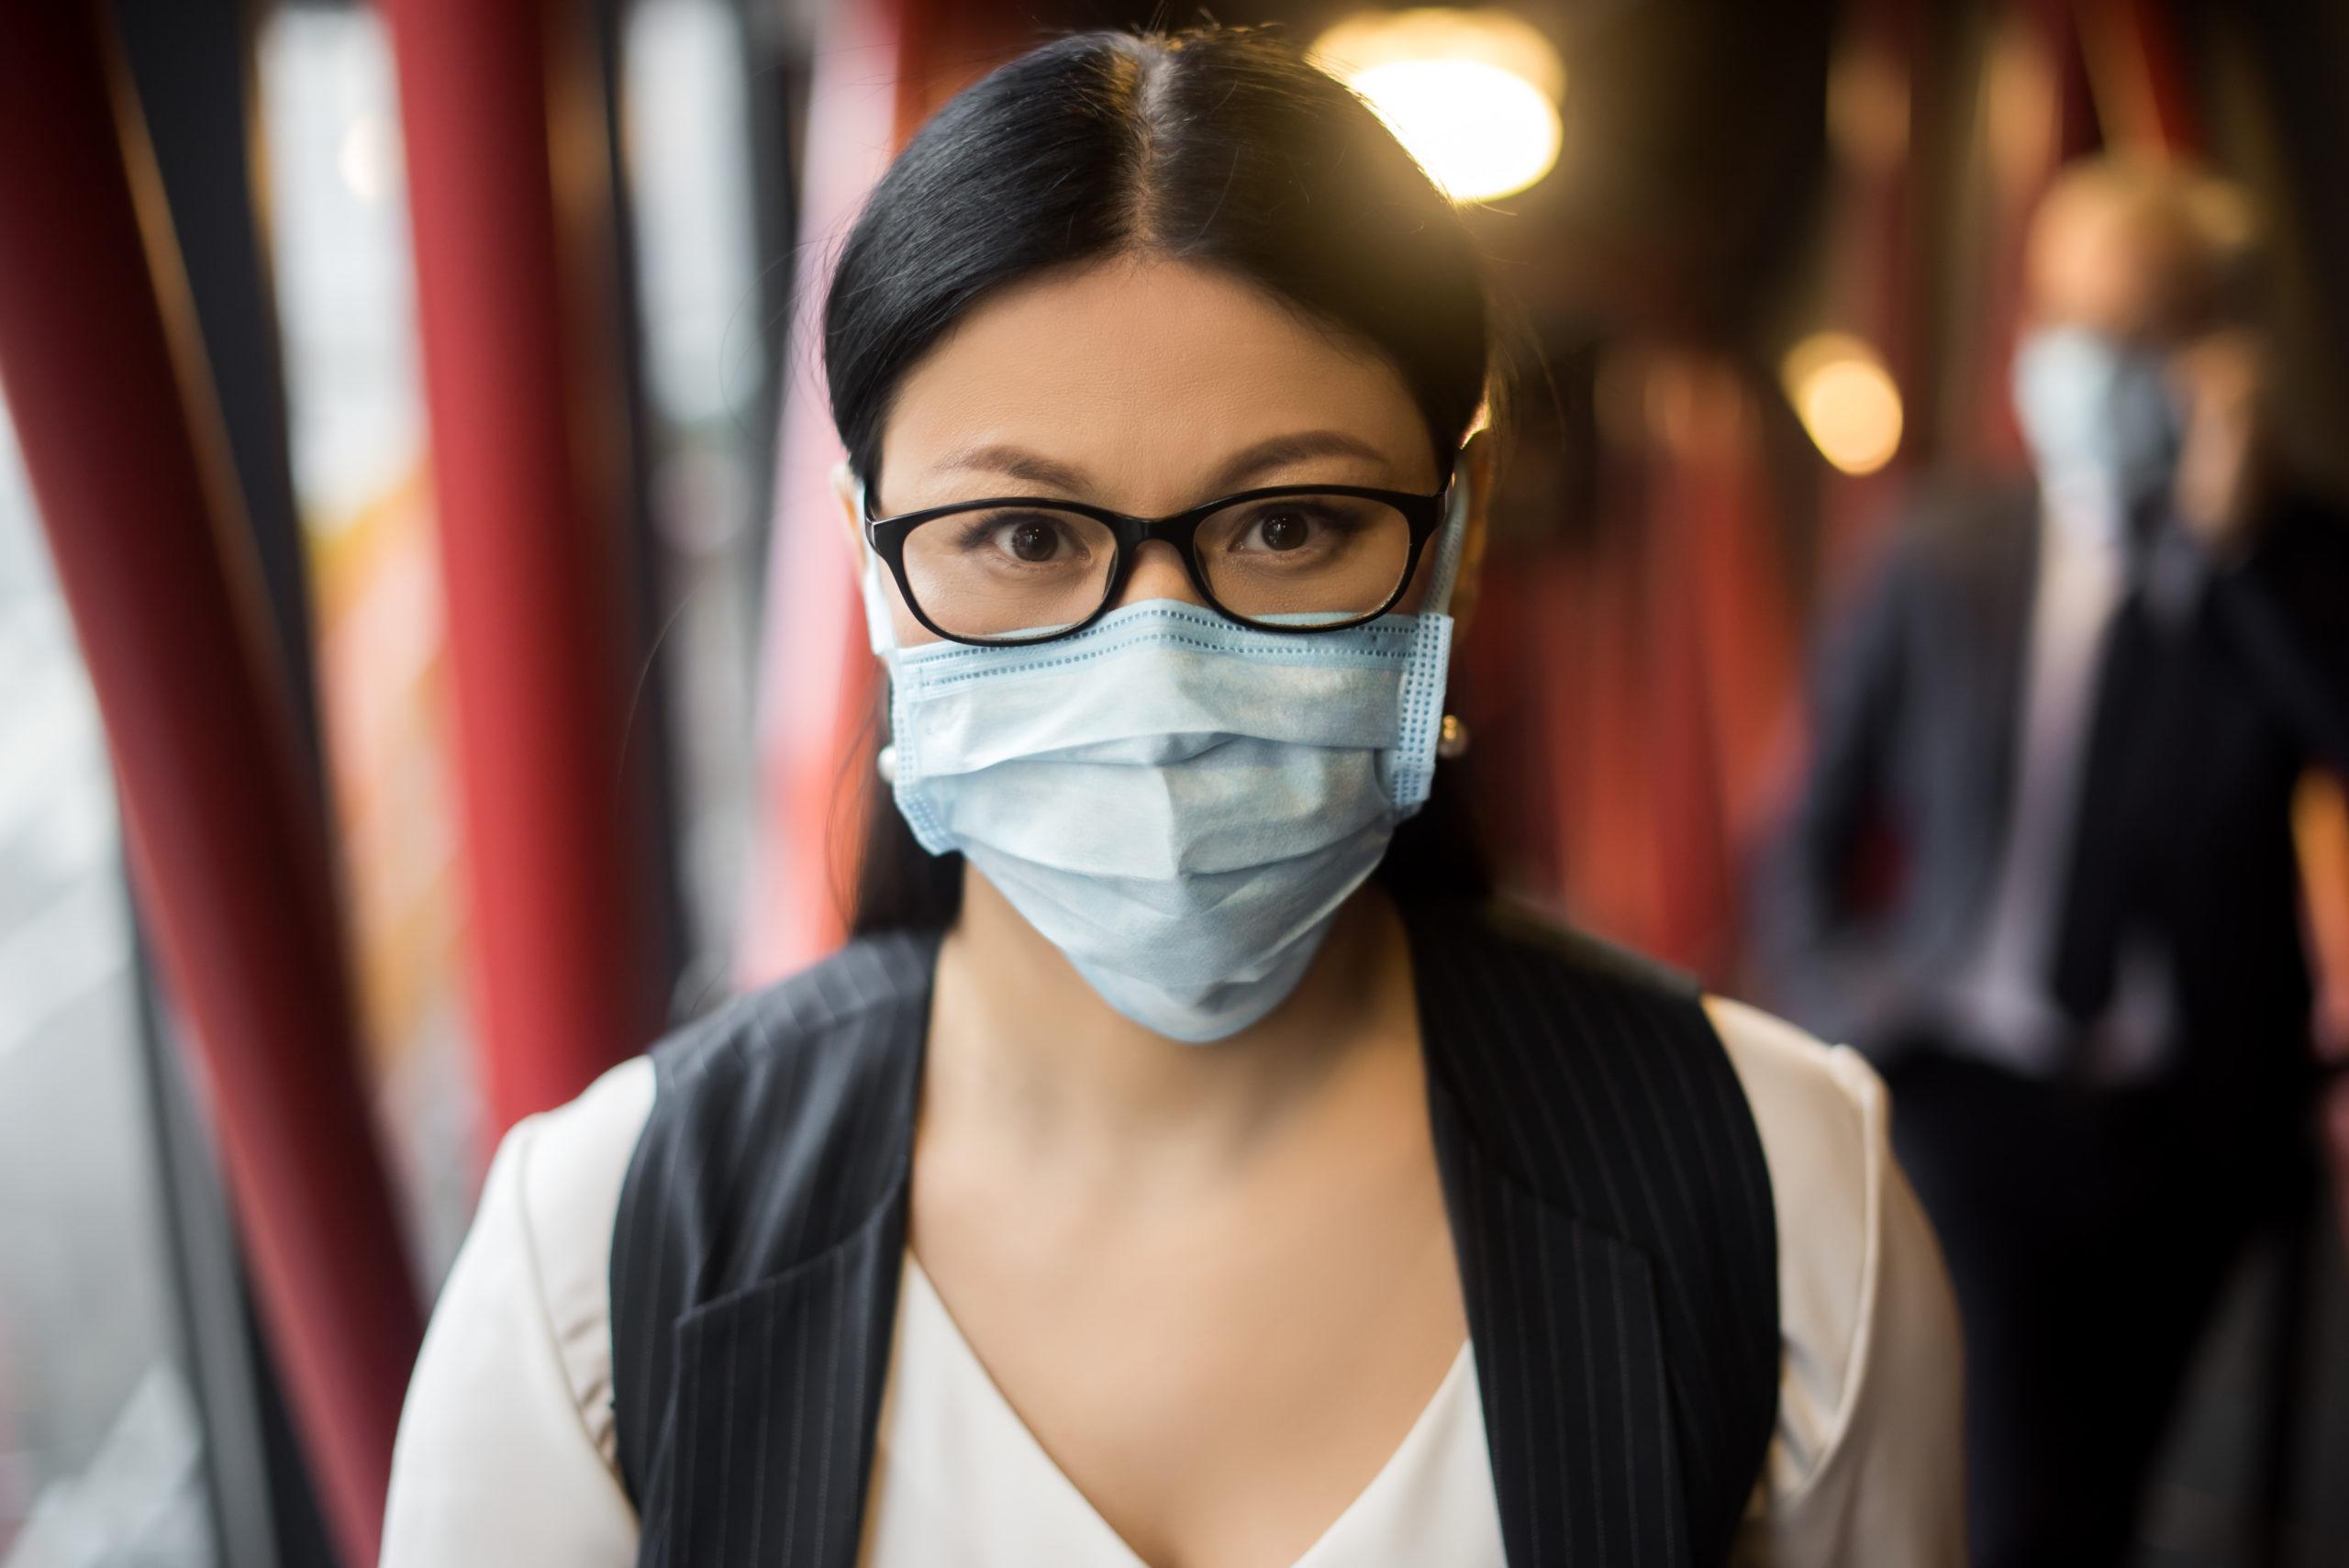 Asiatische Frau mit schwarzen Haaren und Brille mit Atemschutzmaske